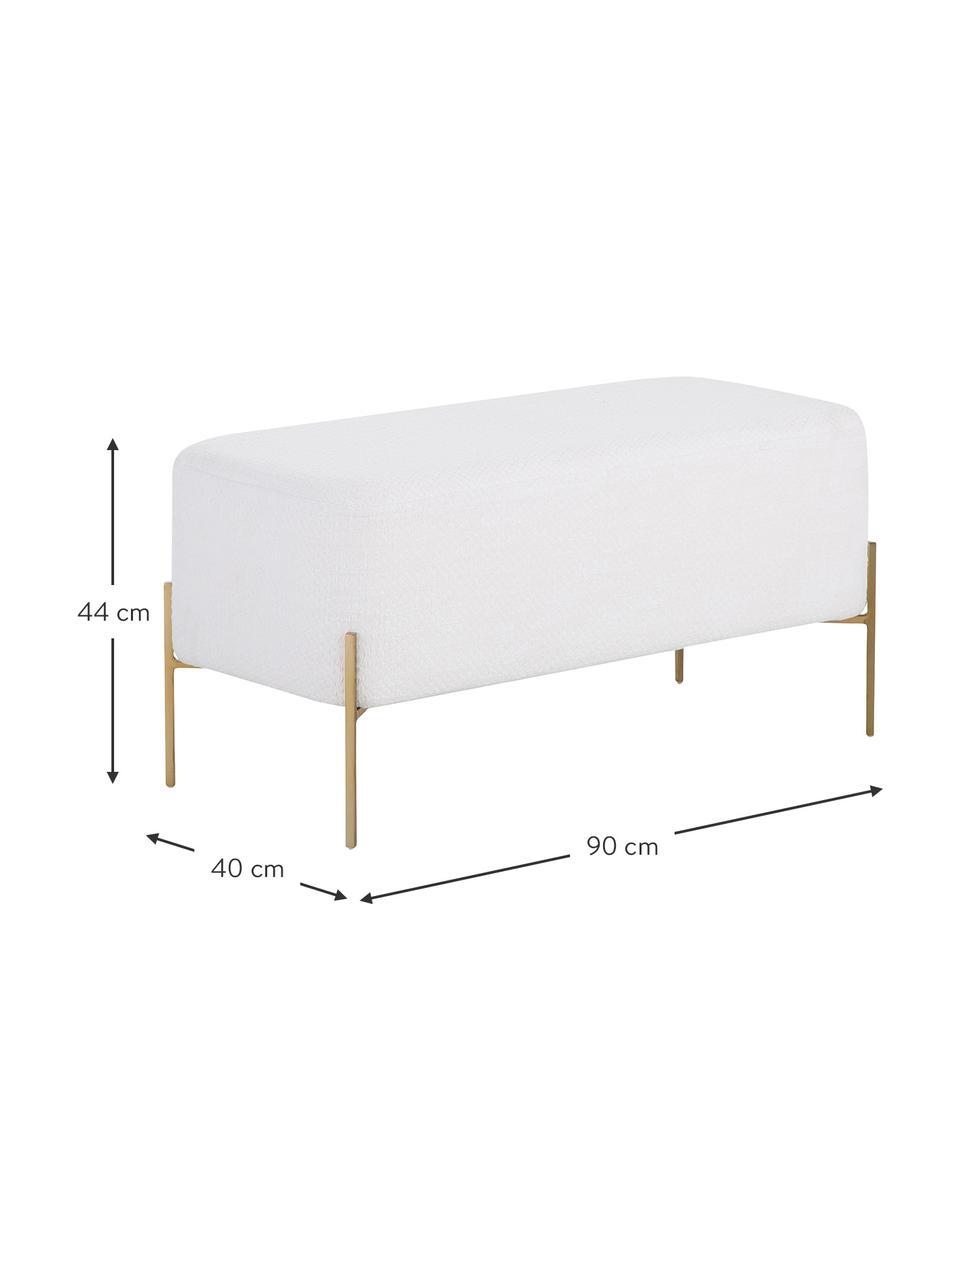 Bouclé-Polsterbank Harper, Bezug: Baumwolle, Fuß: Metall, pulverbeschichtet, Bouclé Creme, Goldfarben, 90 x 44 cm